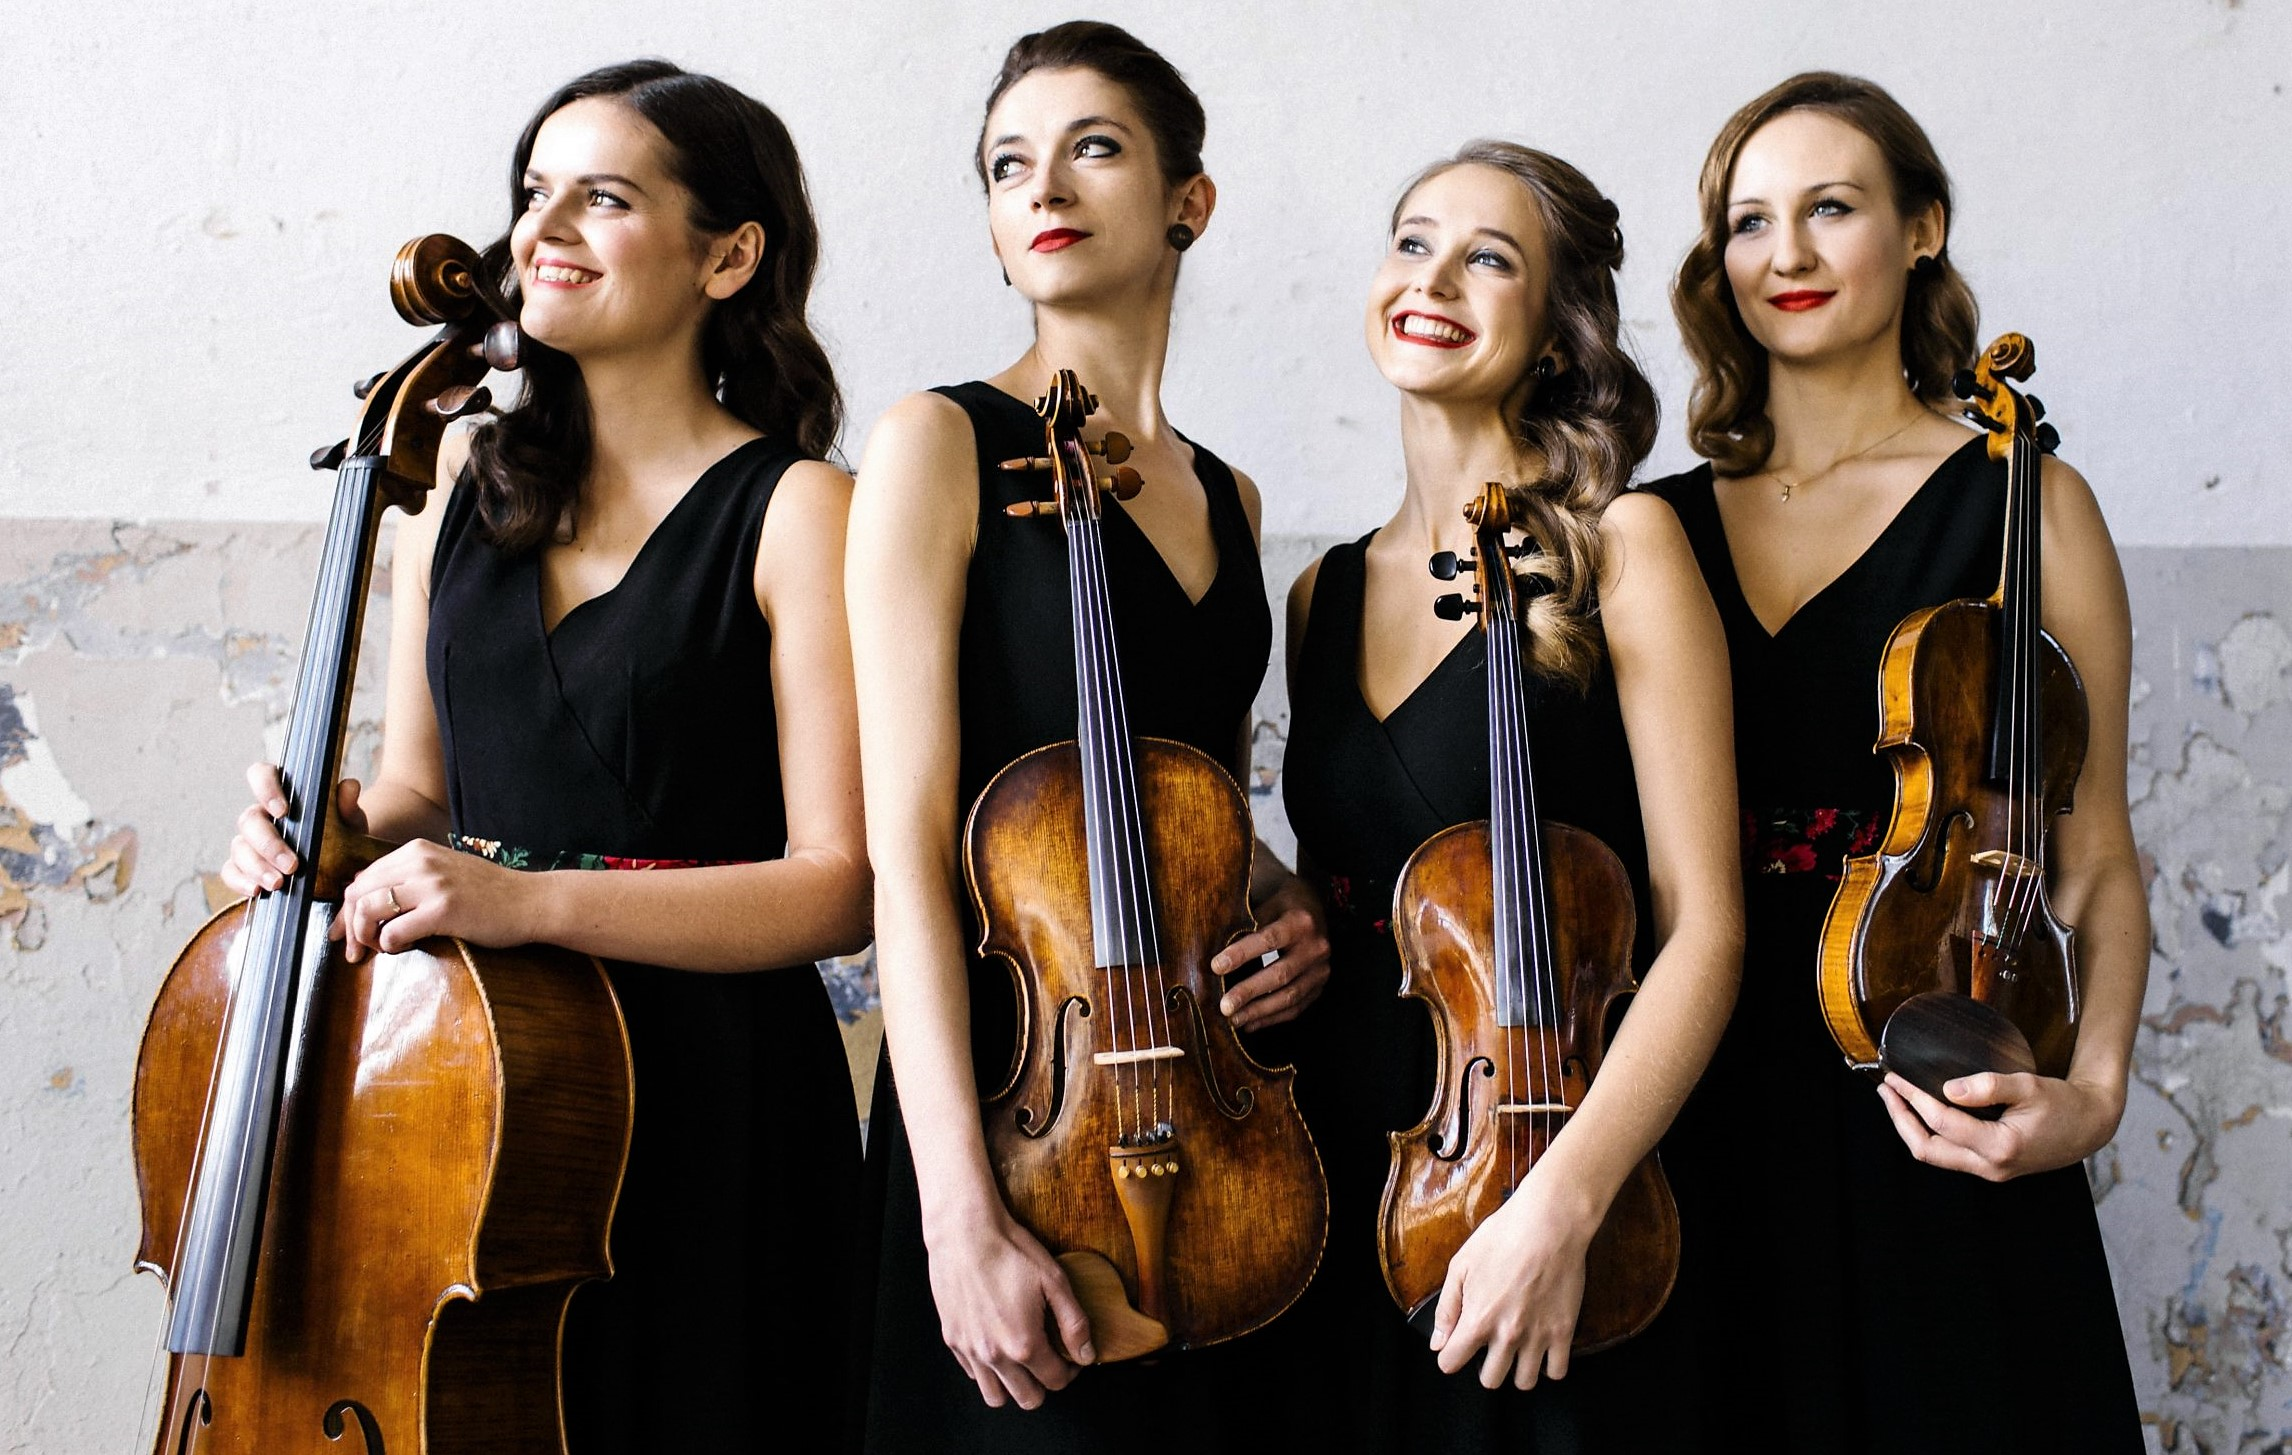 Koncerty w pięknych wnętrzach. Muzyka w Zabytkach Starego Gdańska